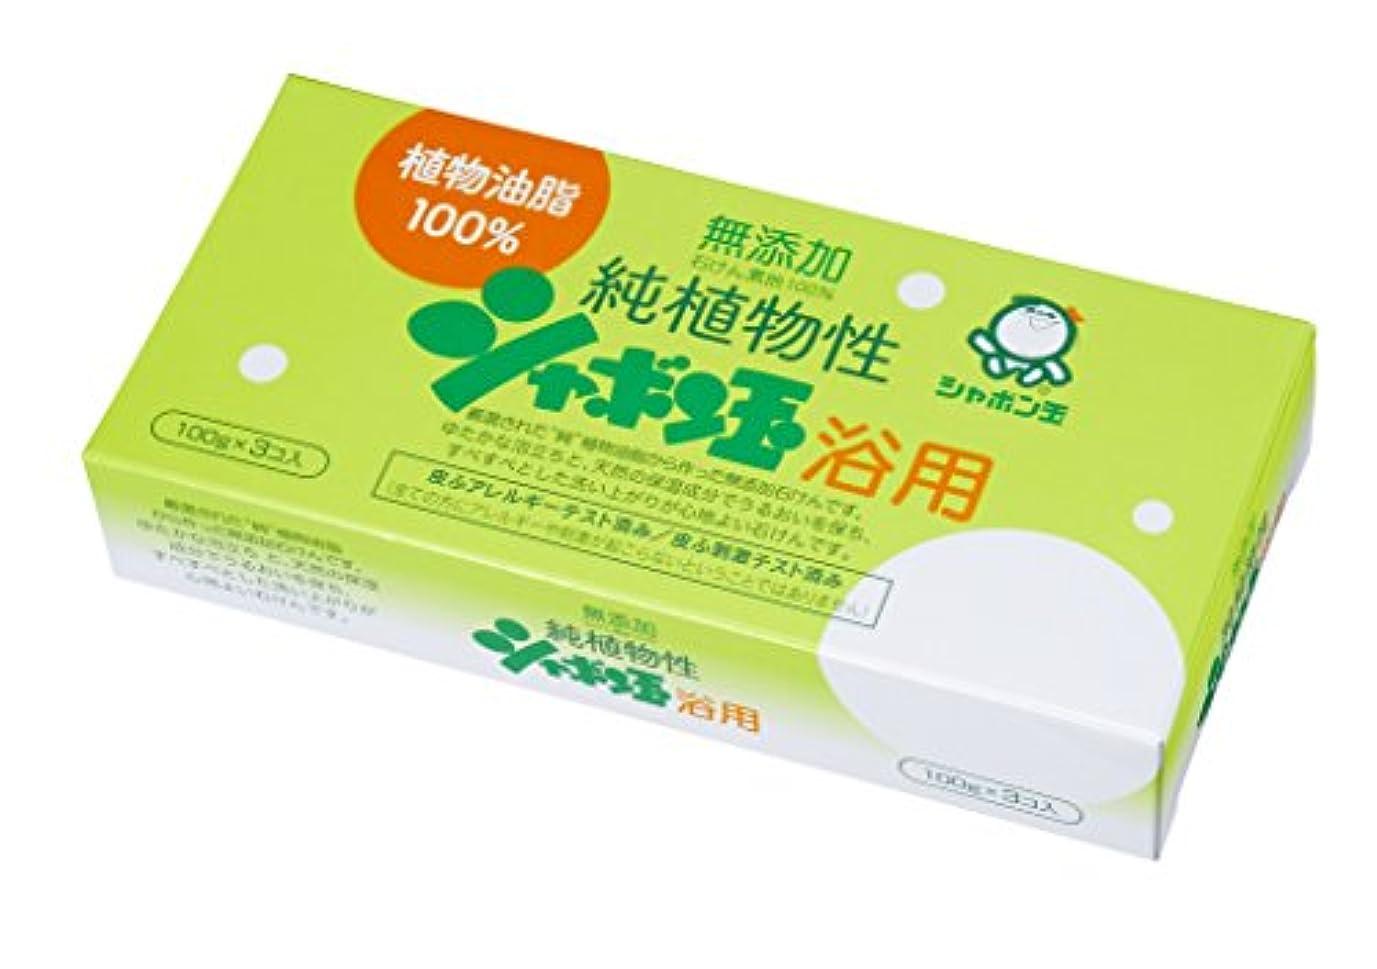 突然のマネージャー行方不明シャボン玉 無添加せっけん 純植物性シャボン玉 浴用 100g×3個入り